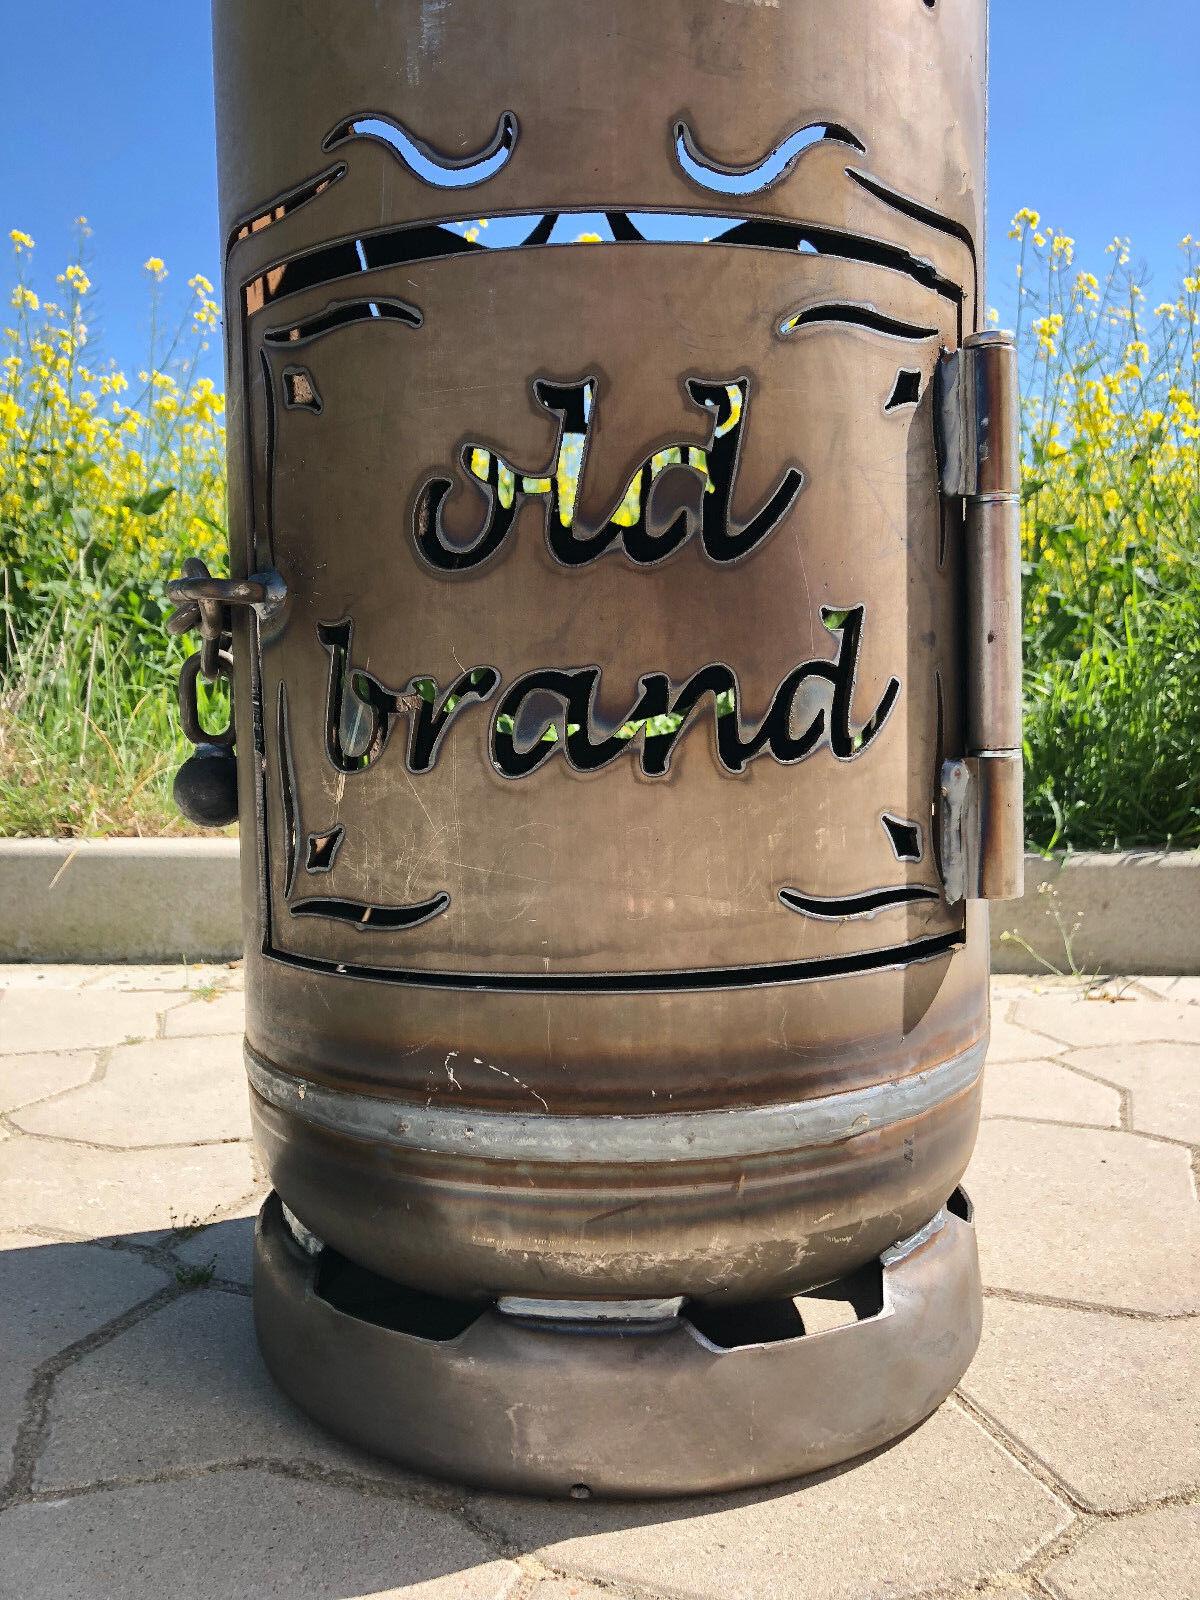 Feuerstelle Whisky old Brand Gartenofen für Whisky Liebhaber Feuerflair